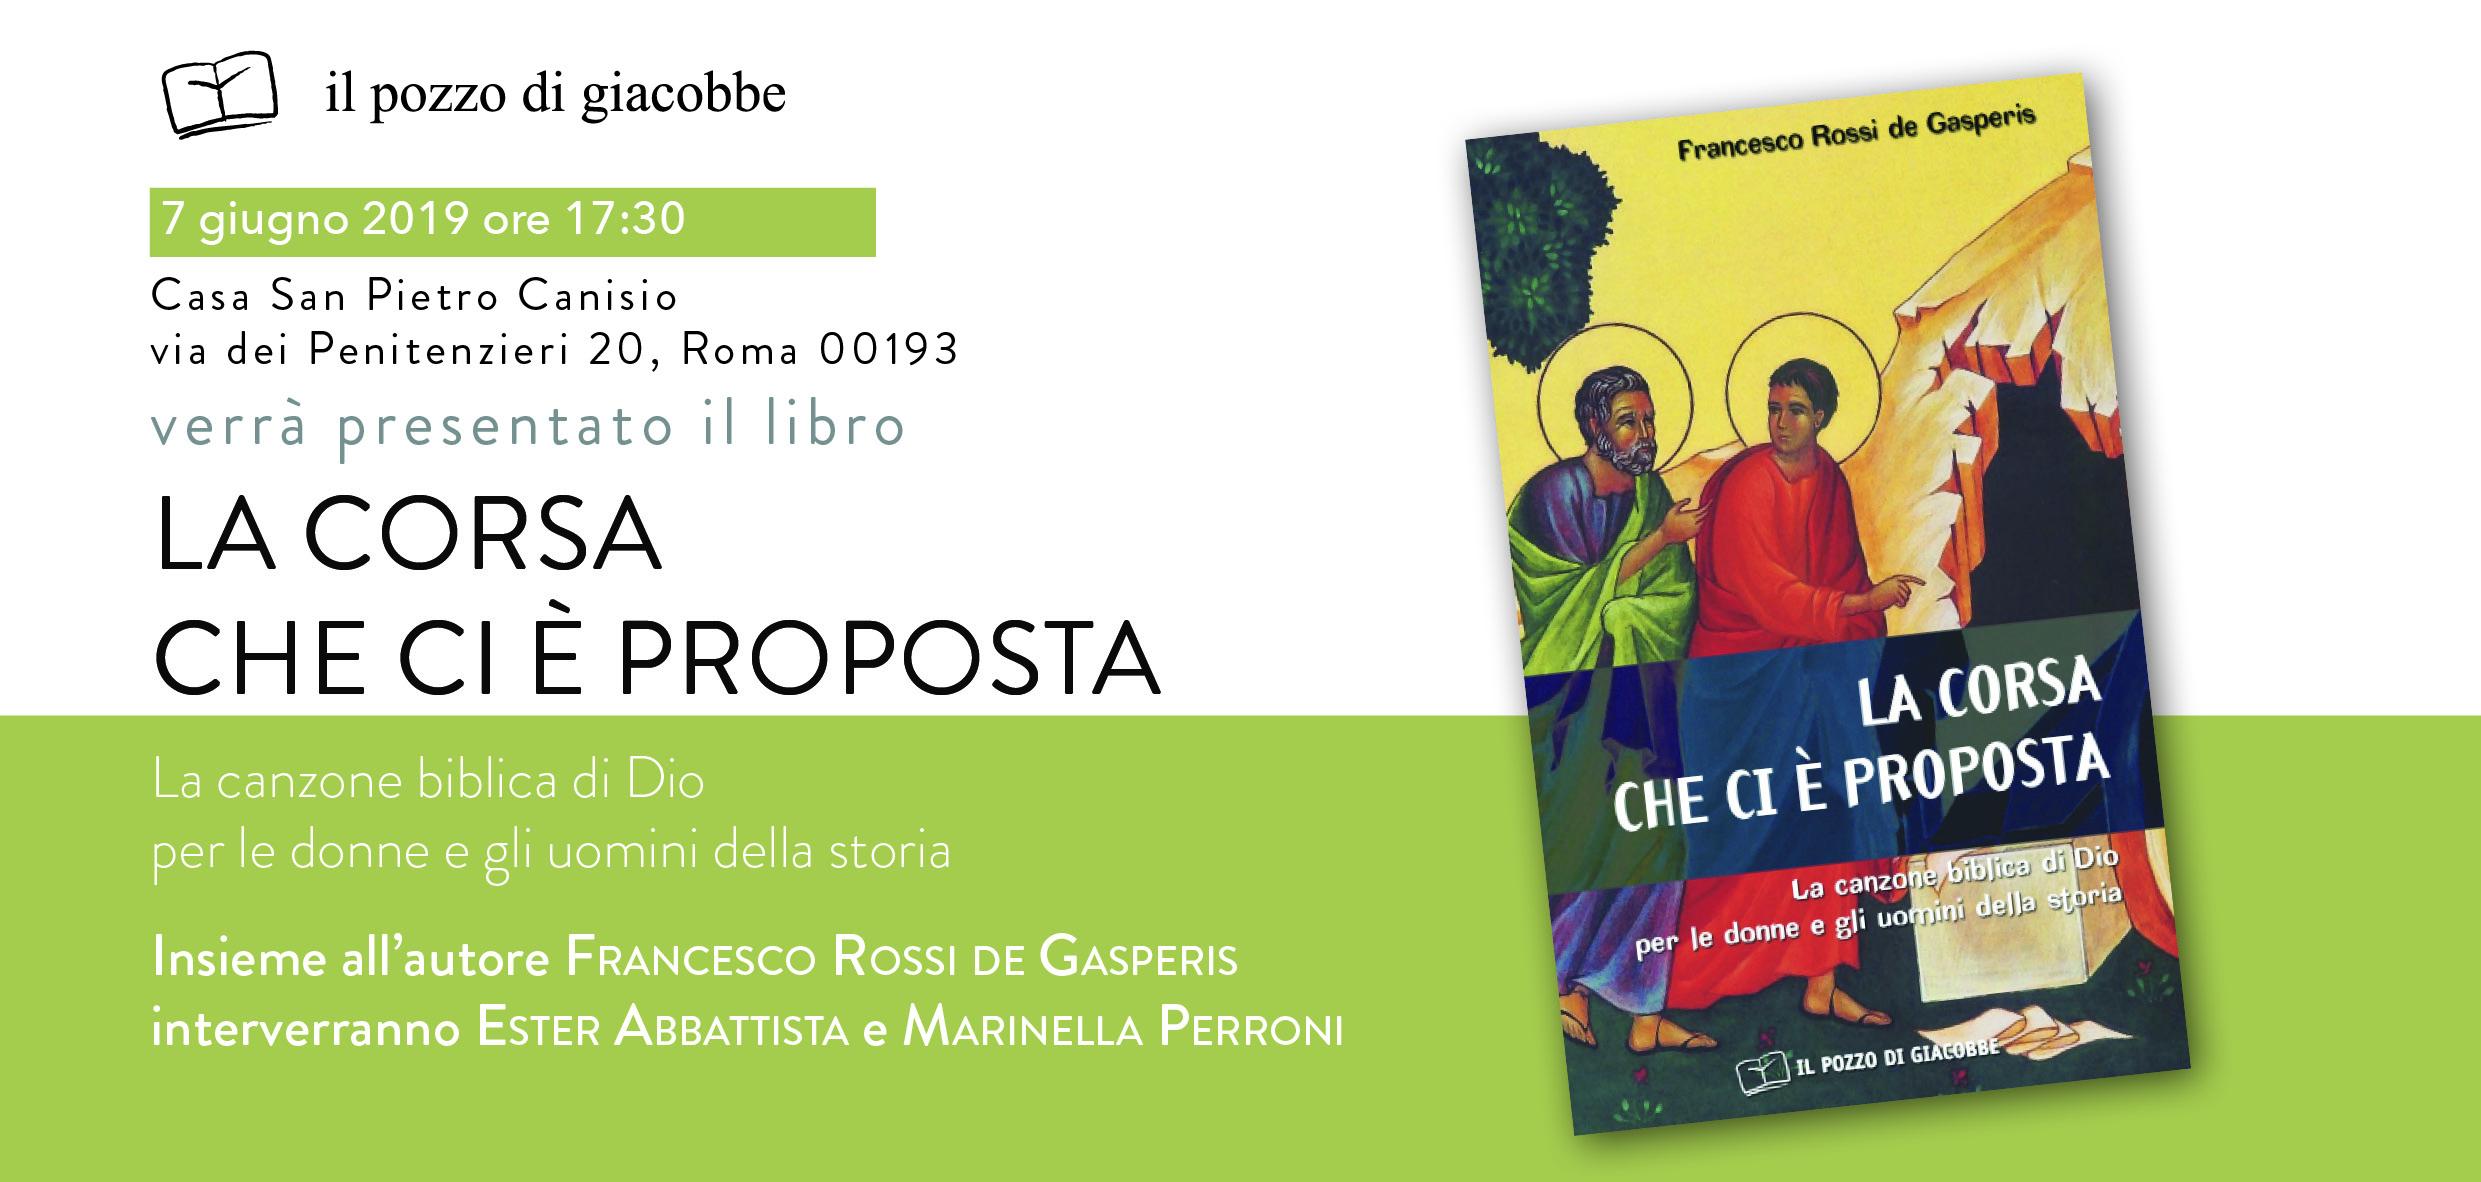 """07.06.2019, ROMA: Presentazione """"La corsa che ci è proposta"""" - dialogo con l'autore Francesco Rossi de Gasperis @ Casa San Pietro Canisio"""